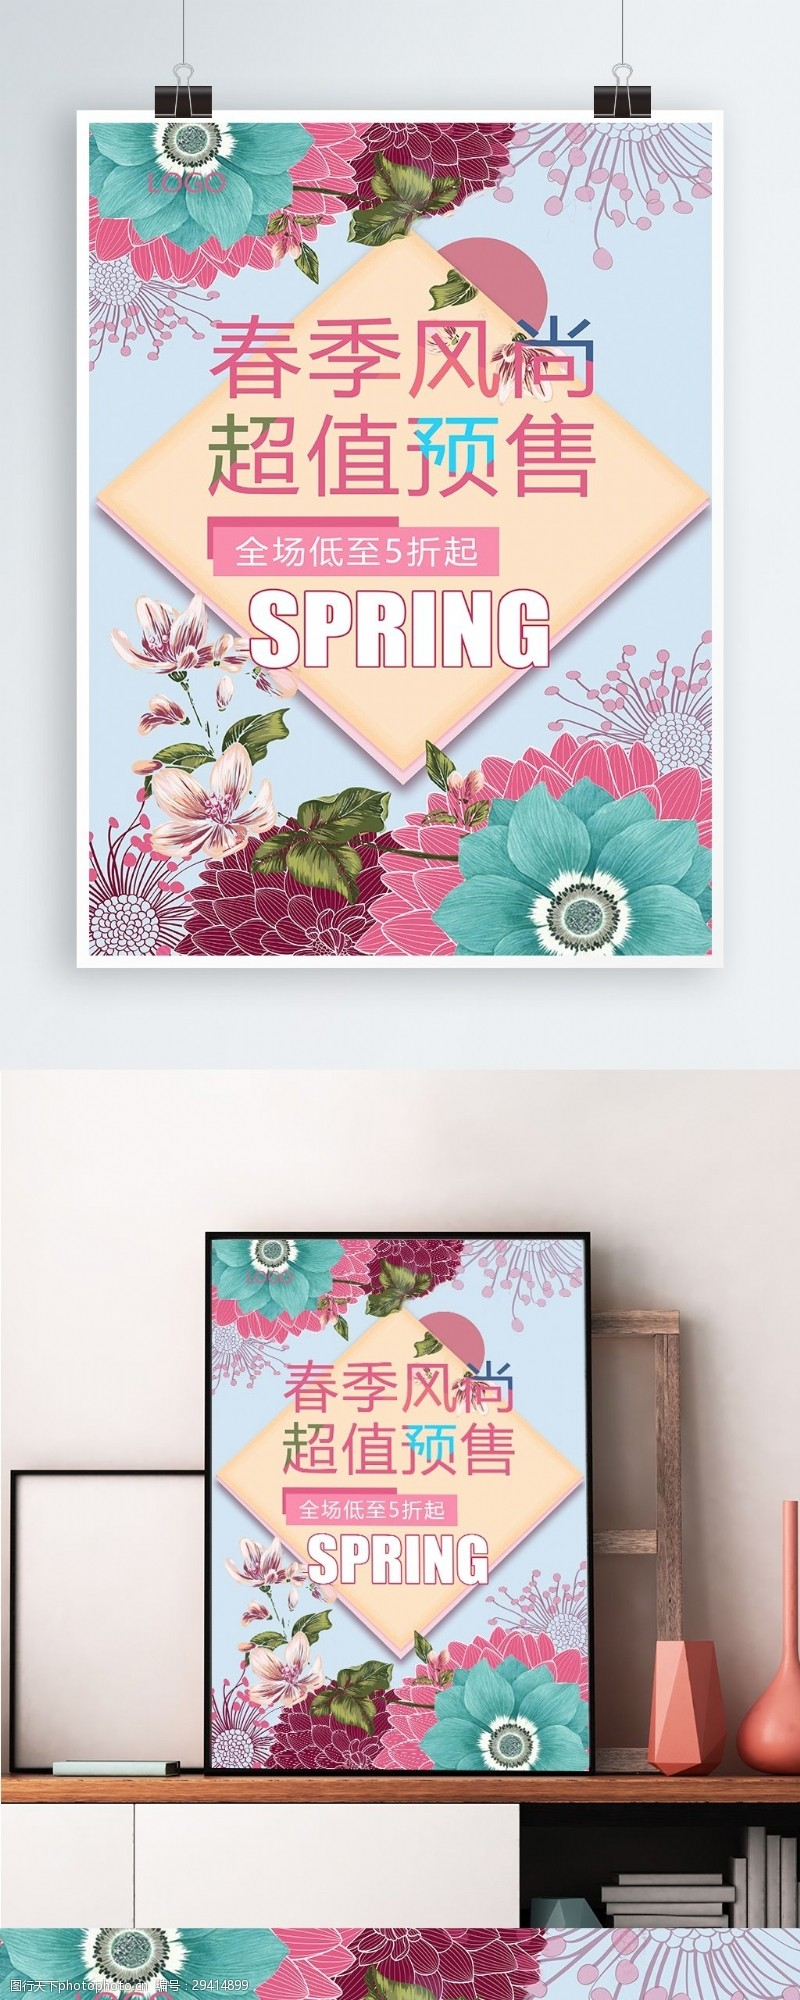 2018春季风尚春季折扣春季活动海报